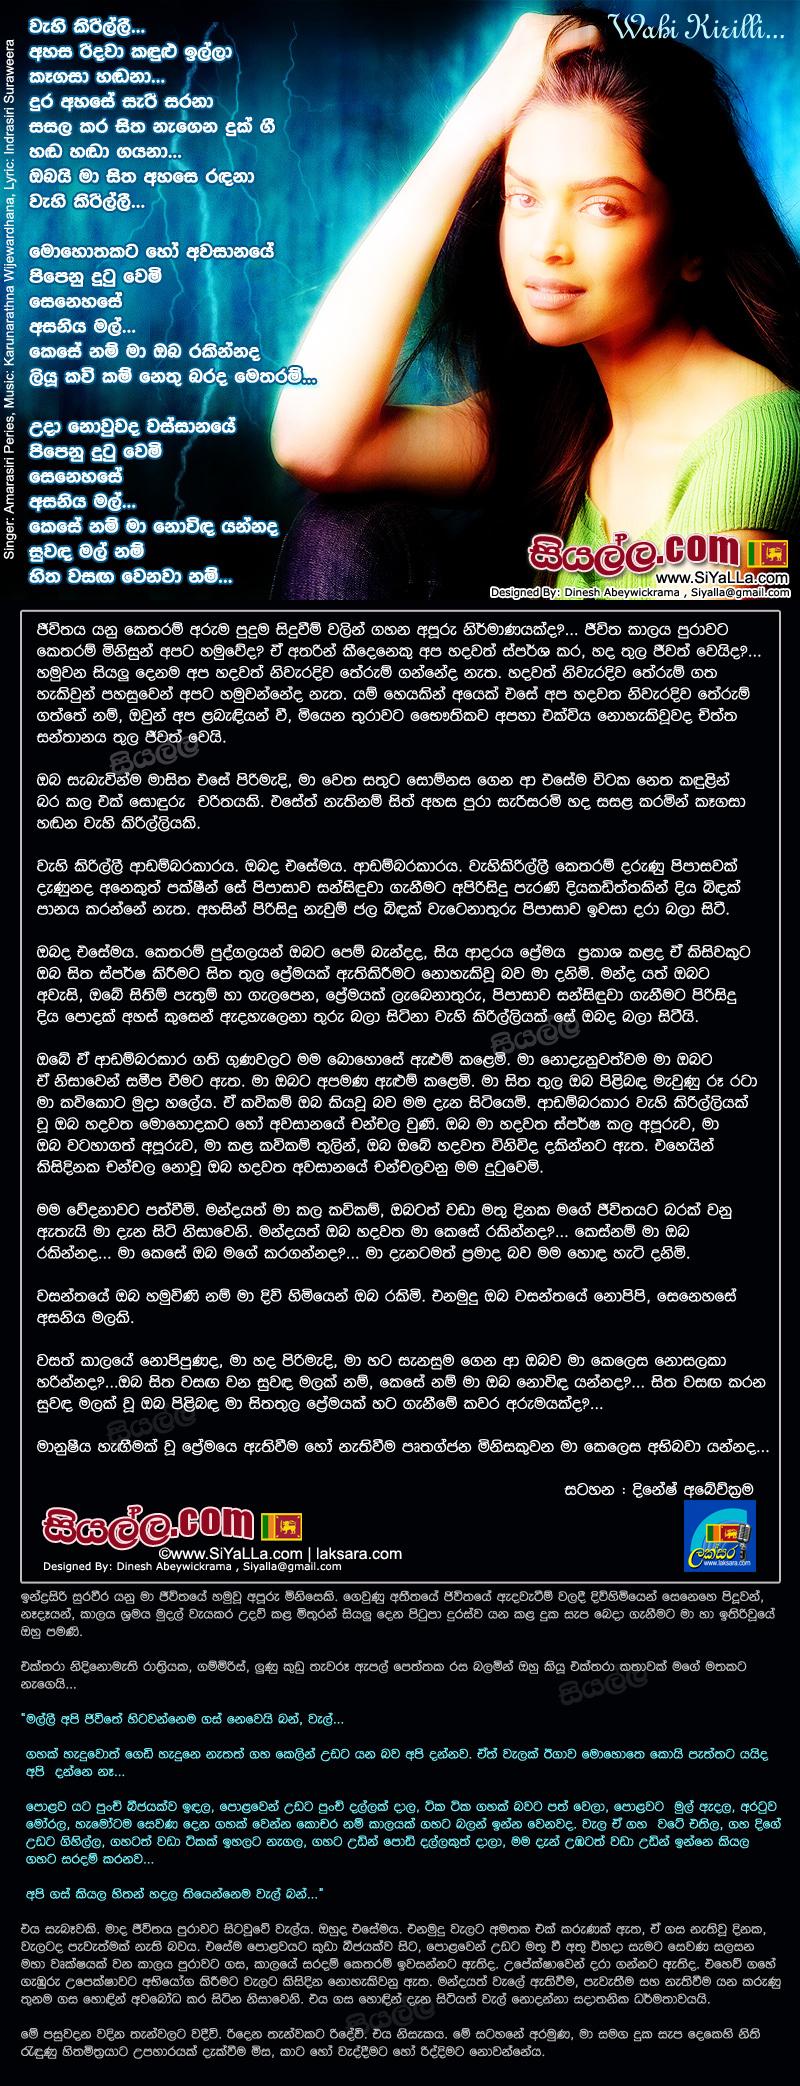 Wahi Kirilli Siyalla Geetha Wichara